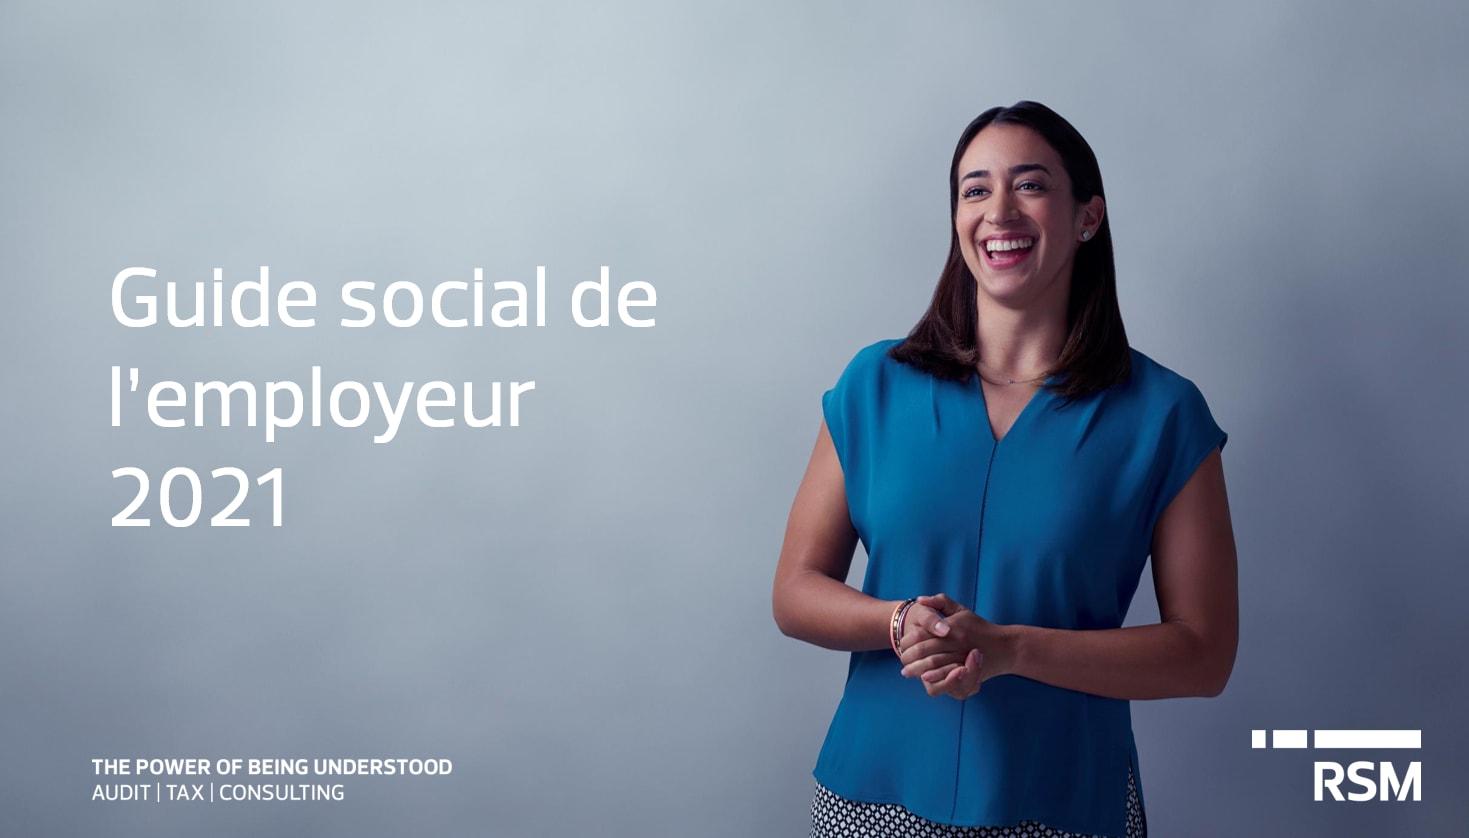 public://media/publications/guide_social_de_lemployeur_2021.png